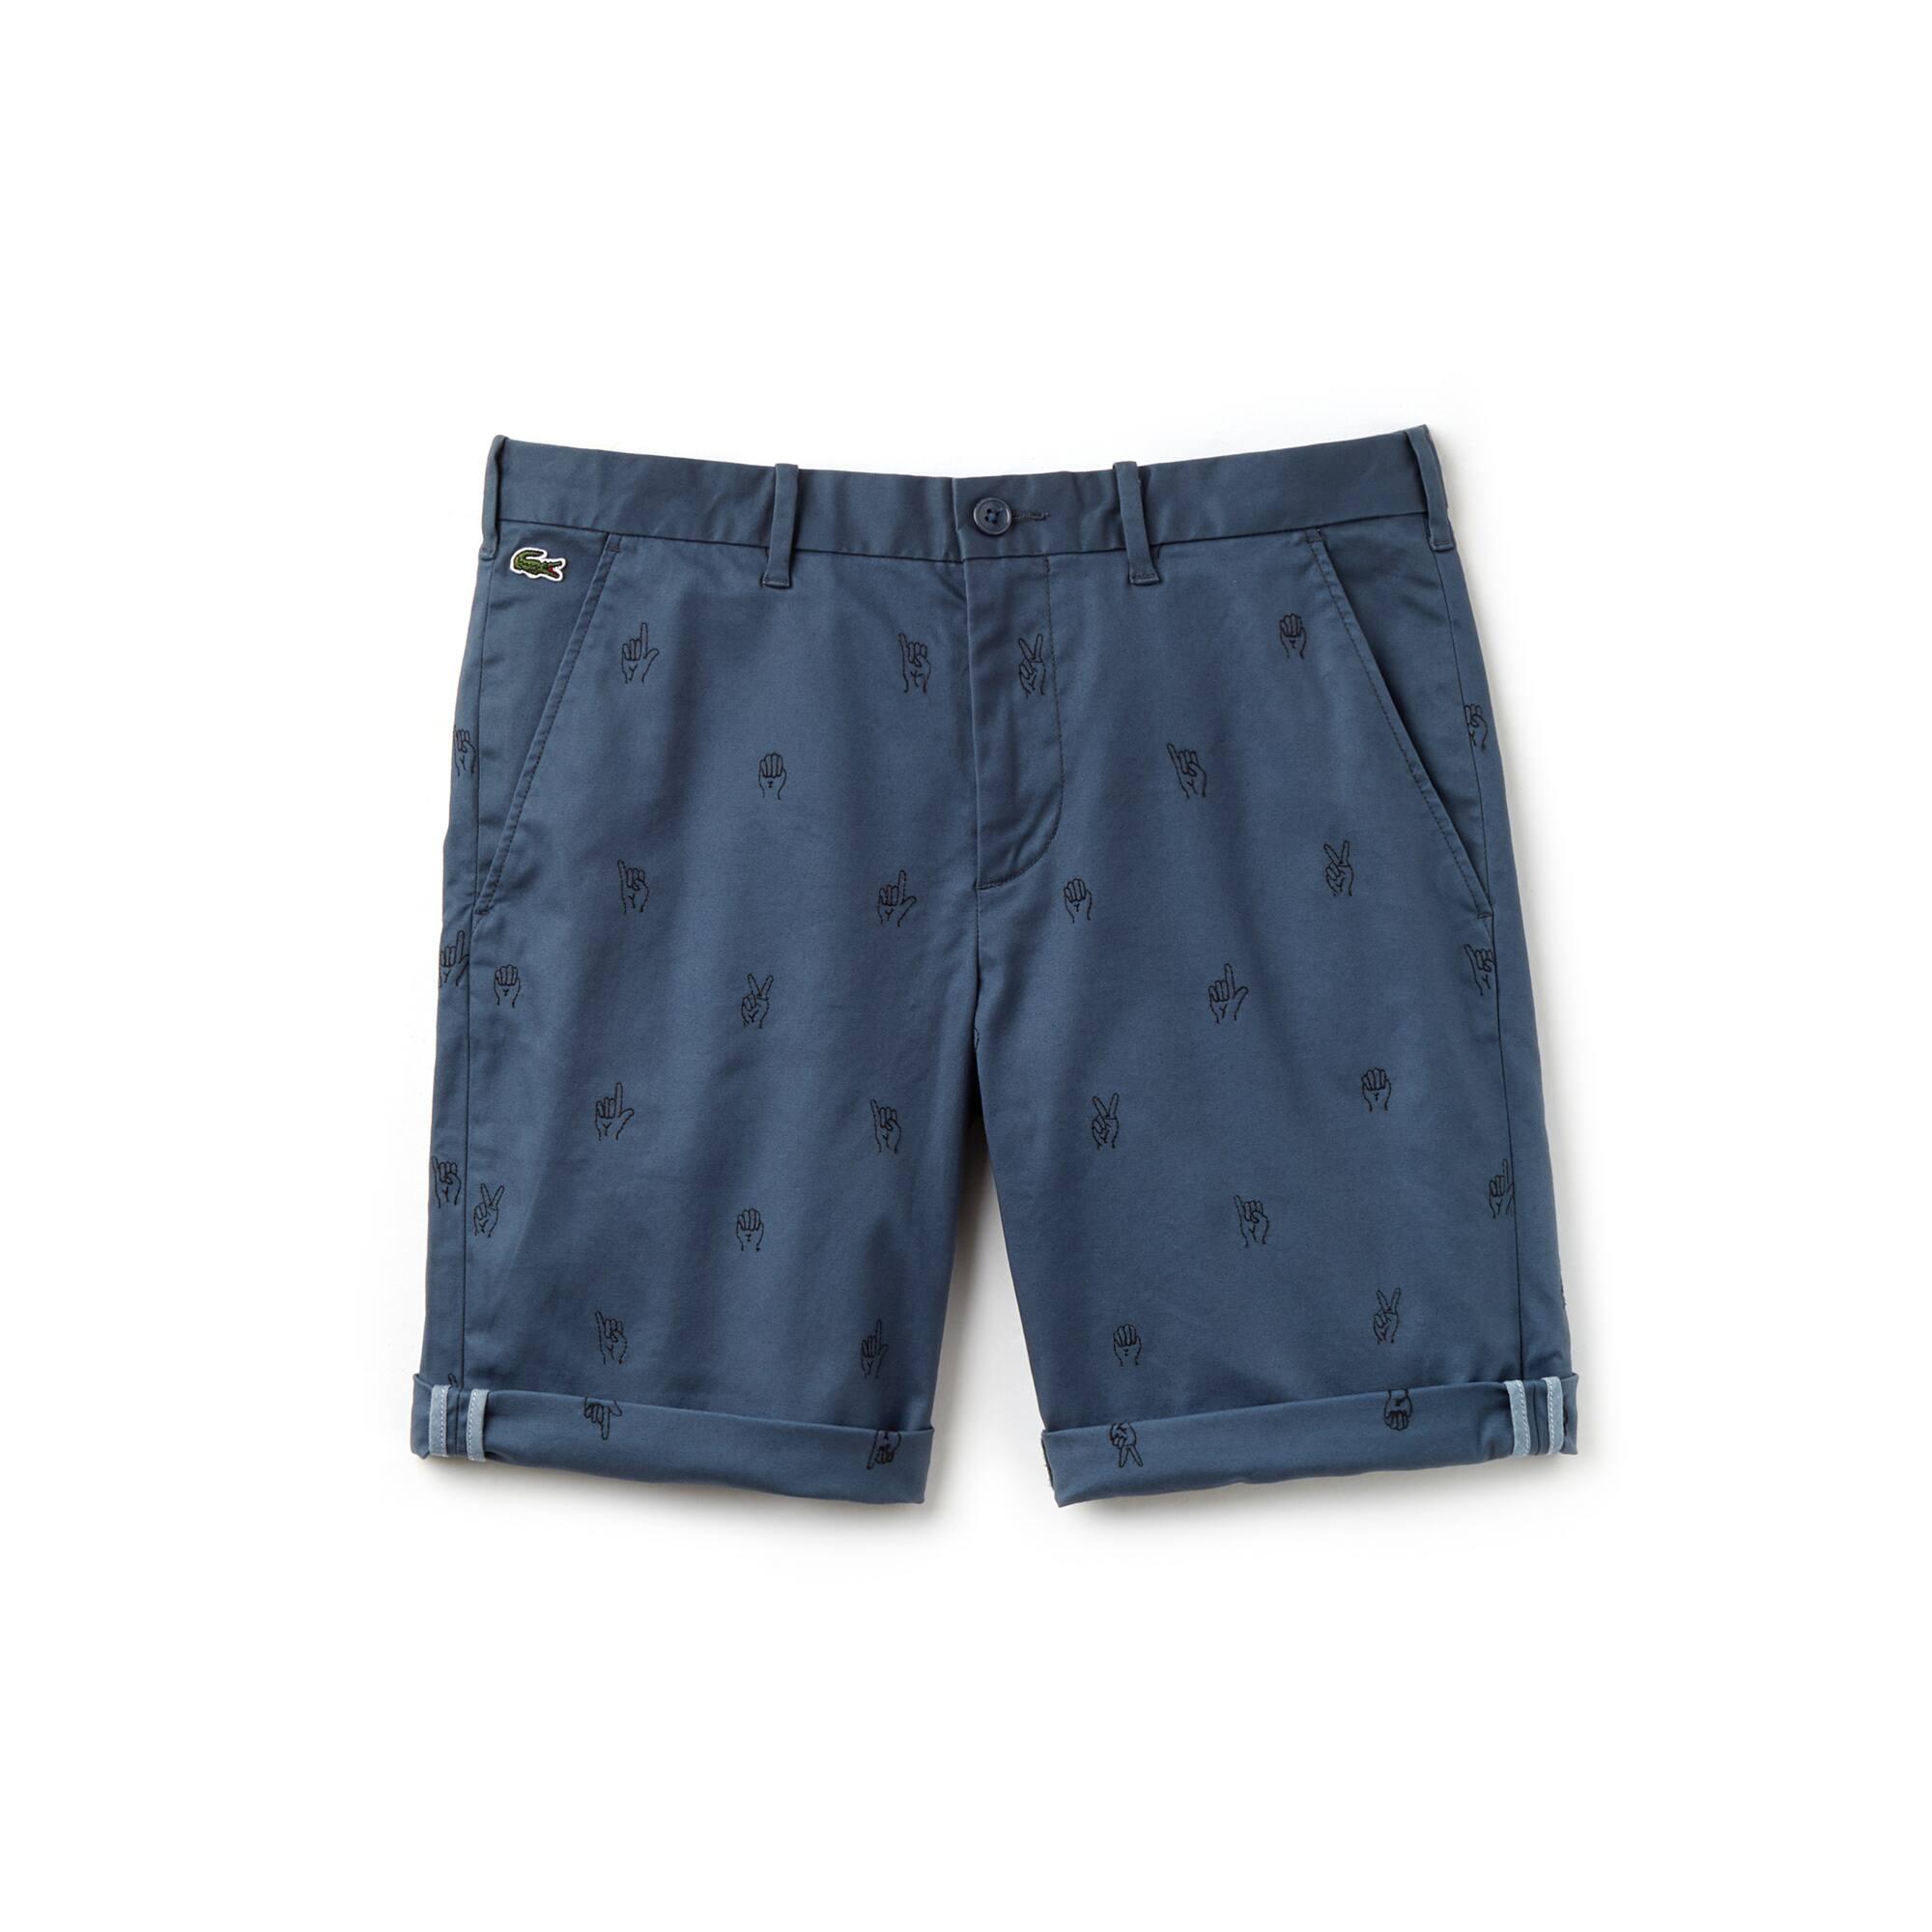 Men's Lacoste LIVE Mini Embroidery Stretch Cotton Twill Bermuda Shorts